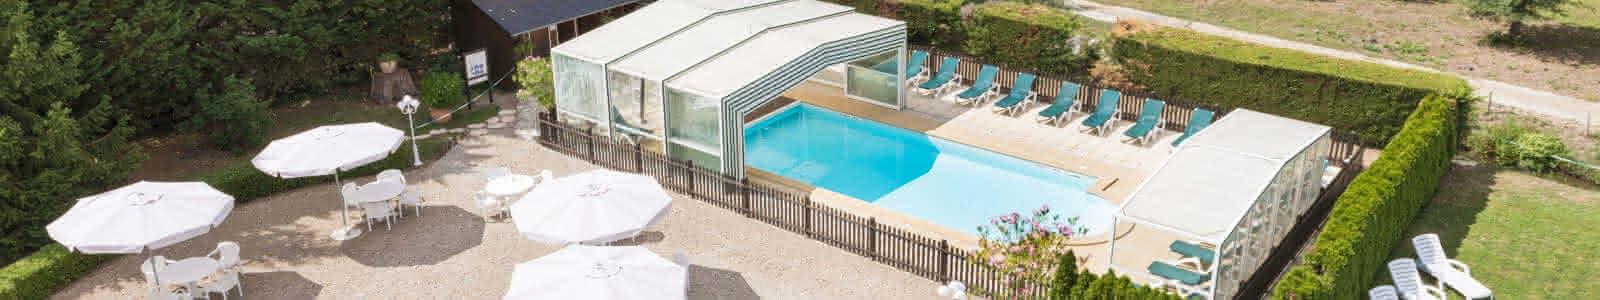 Le Relais des Landes - Hôtel avec piscine en Val de Loire Sologne